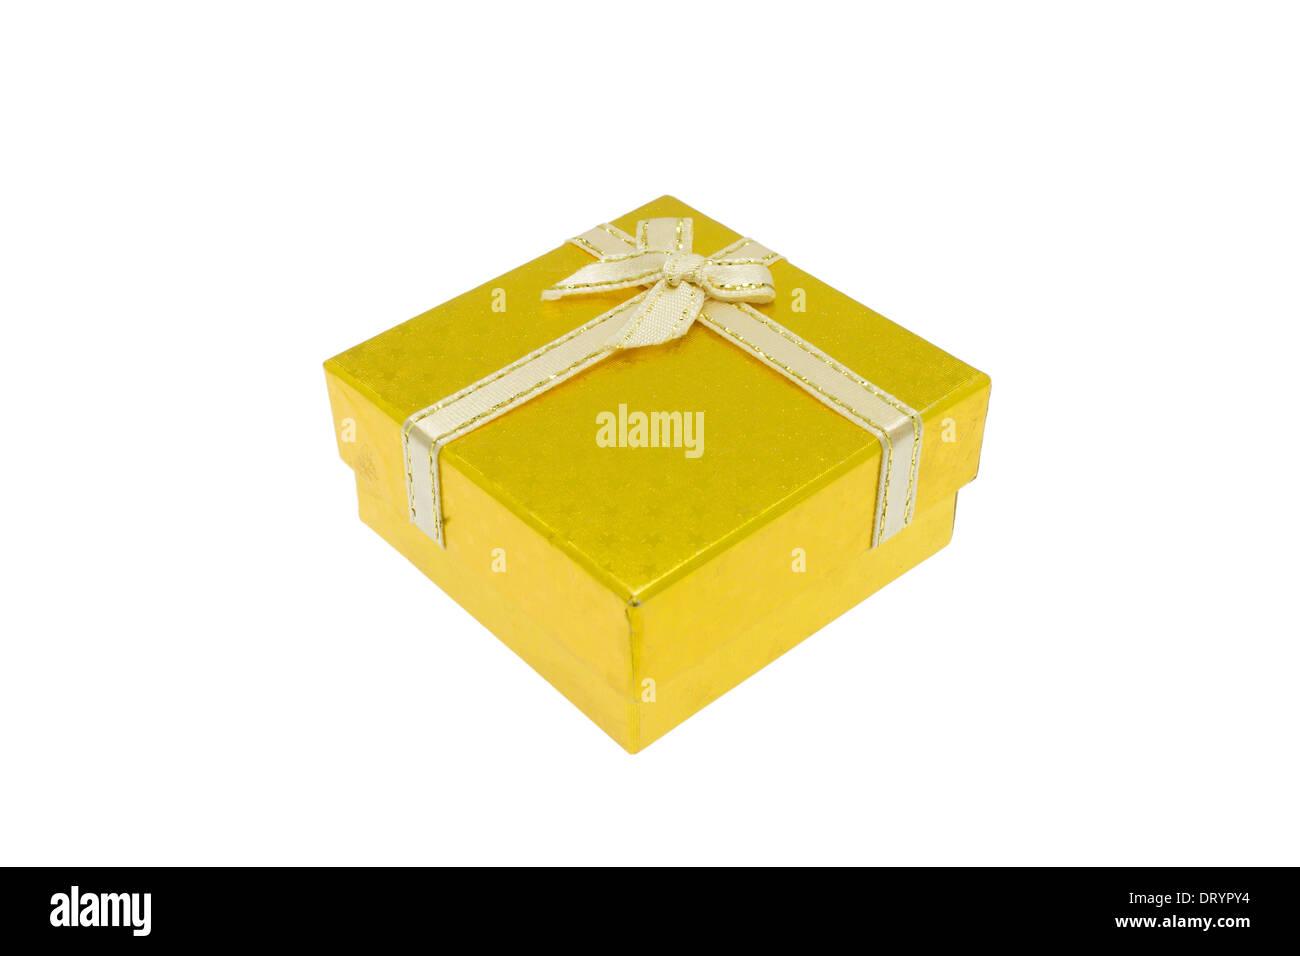 Gold Confezione Regalo Per Natale Ringraziamenti Compleanno